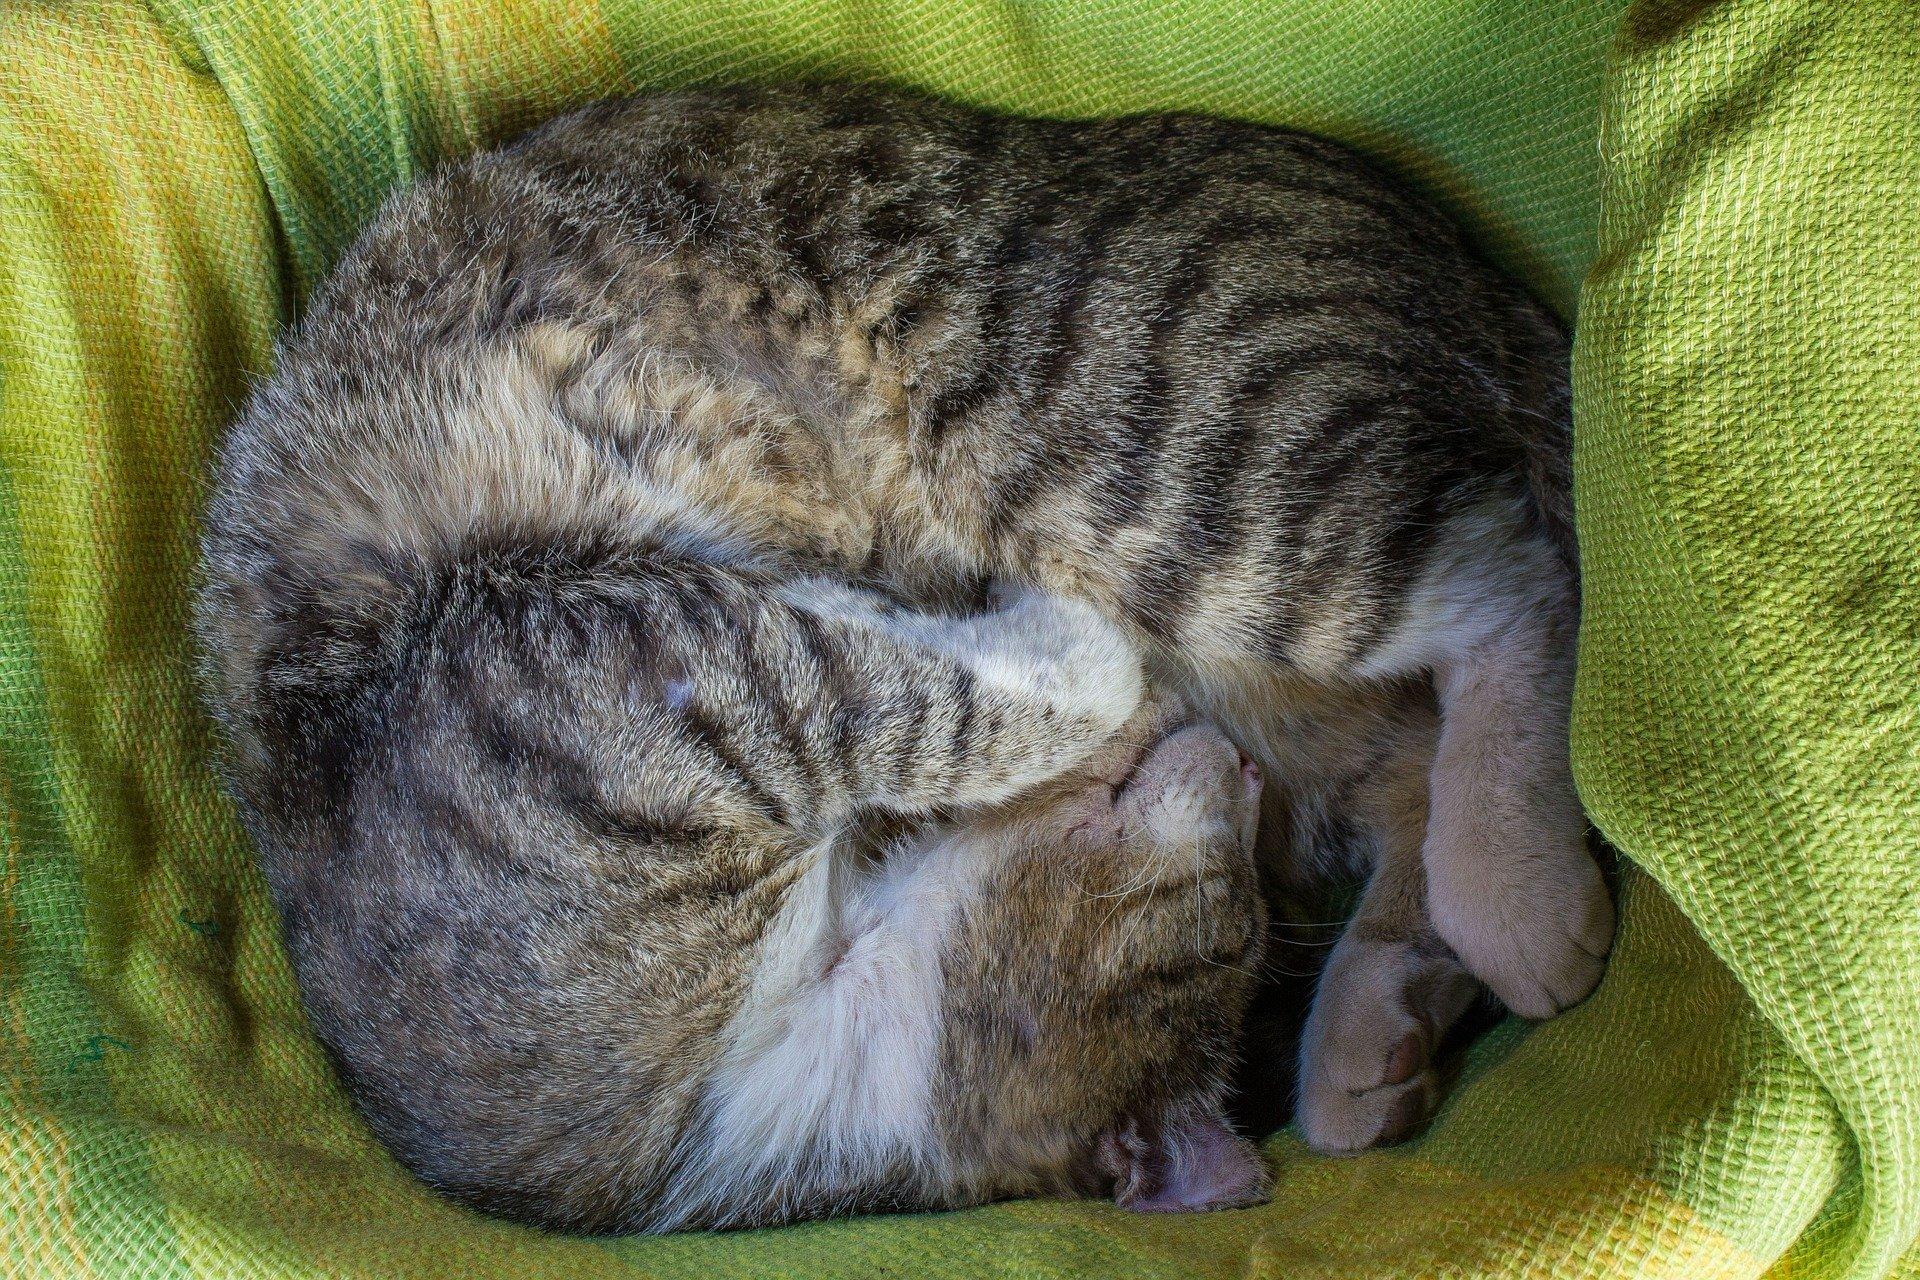 Cuccia per gatti da esterno come deve essere dogalize for Cucce per gatti da esterno coibentate